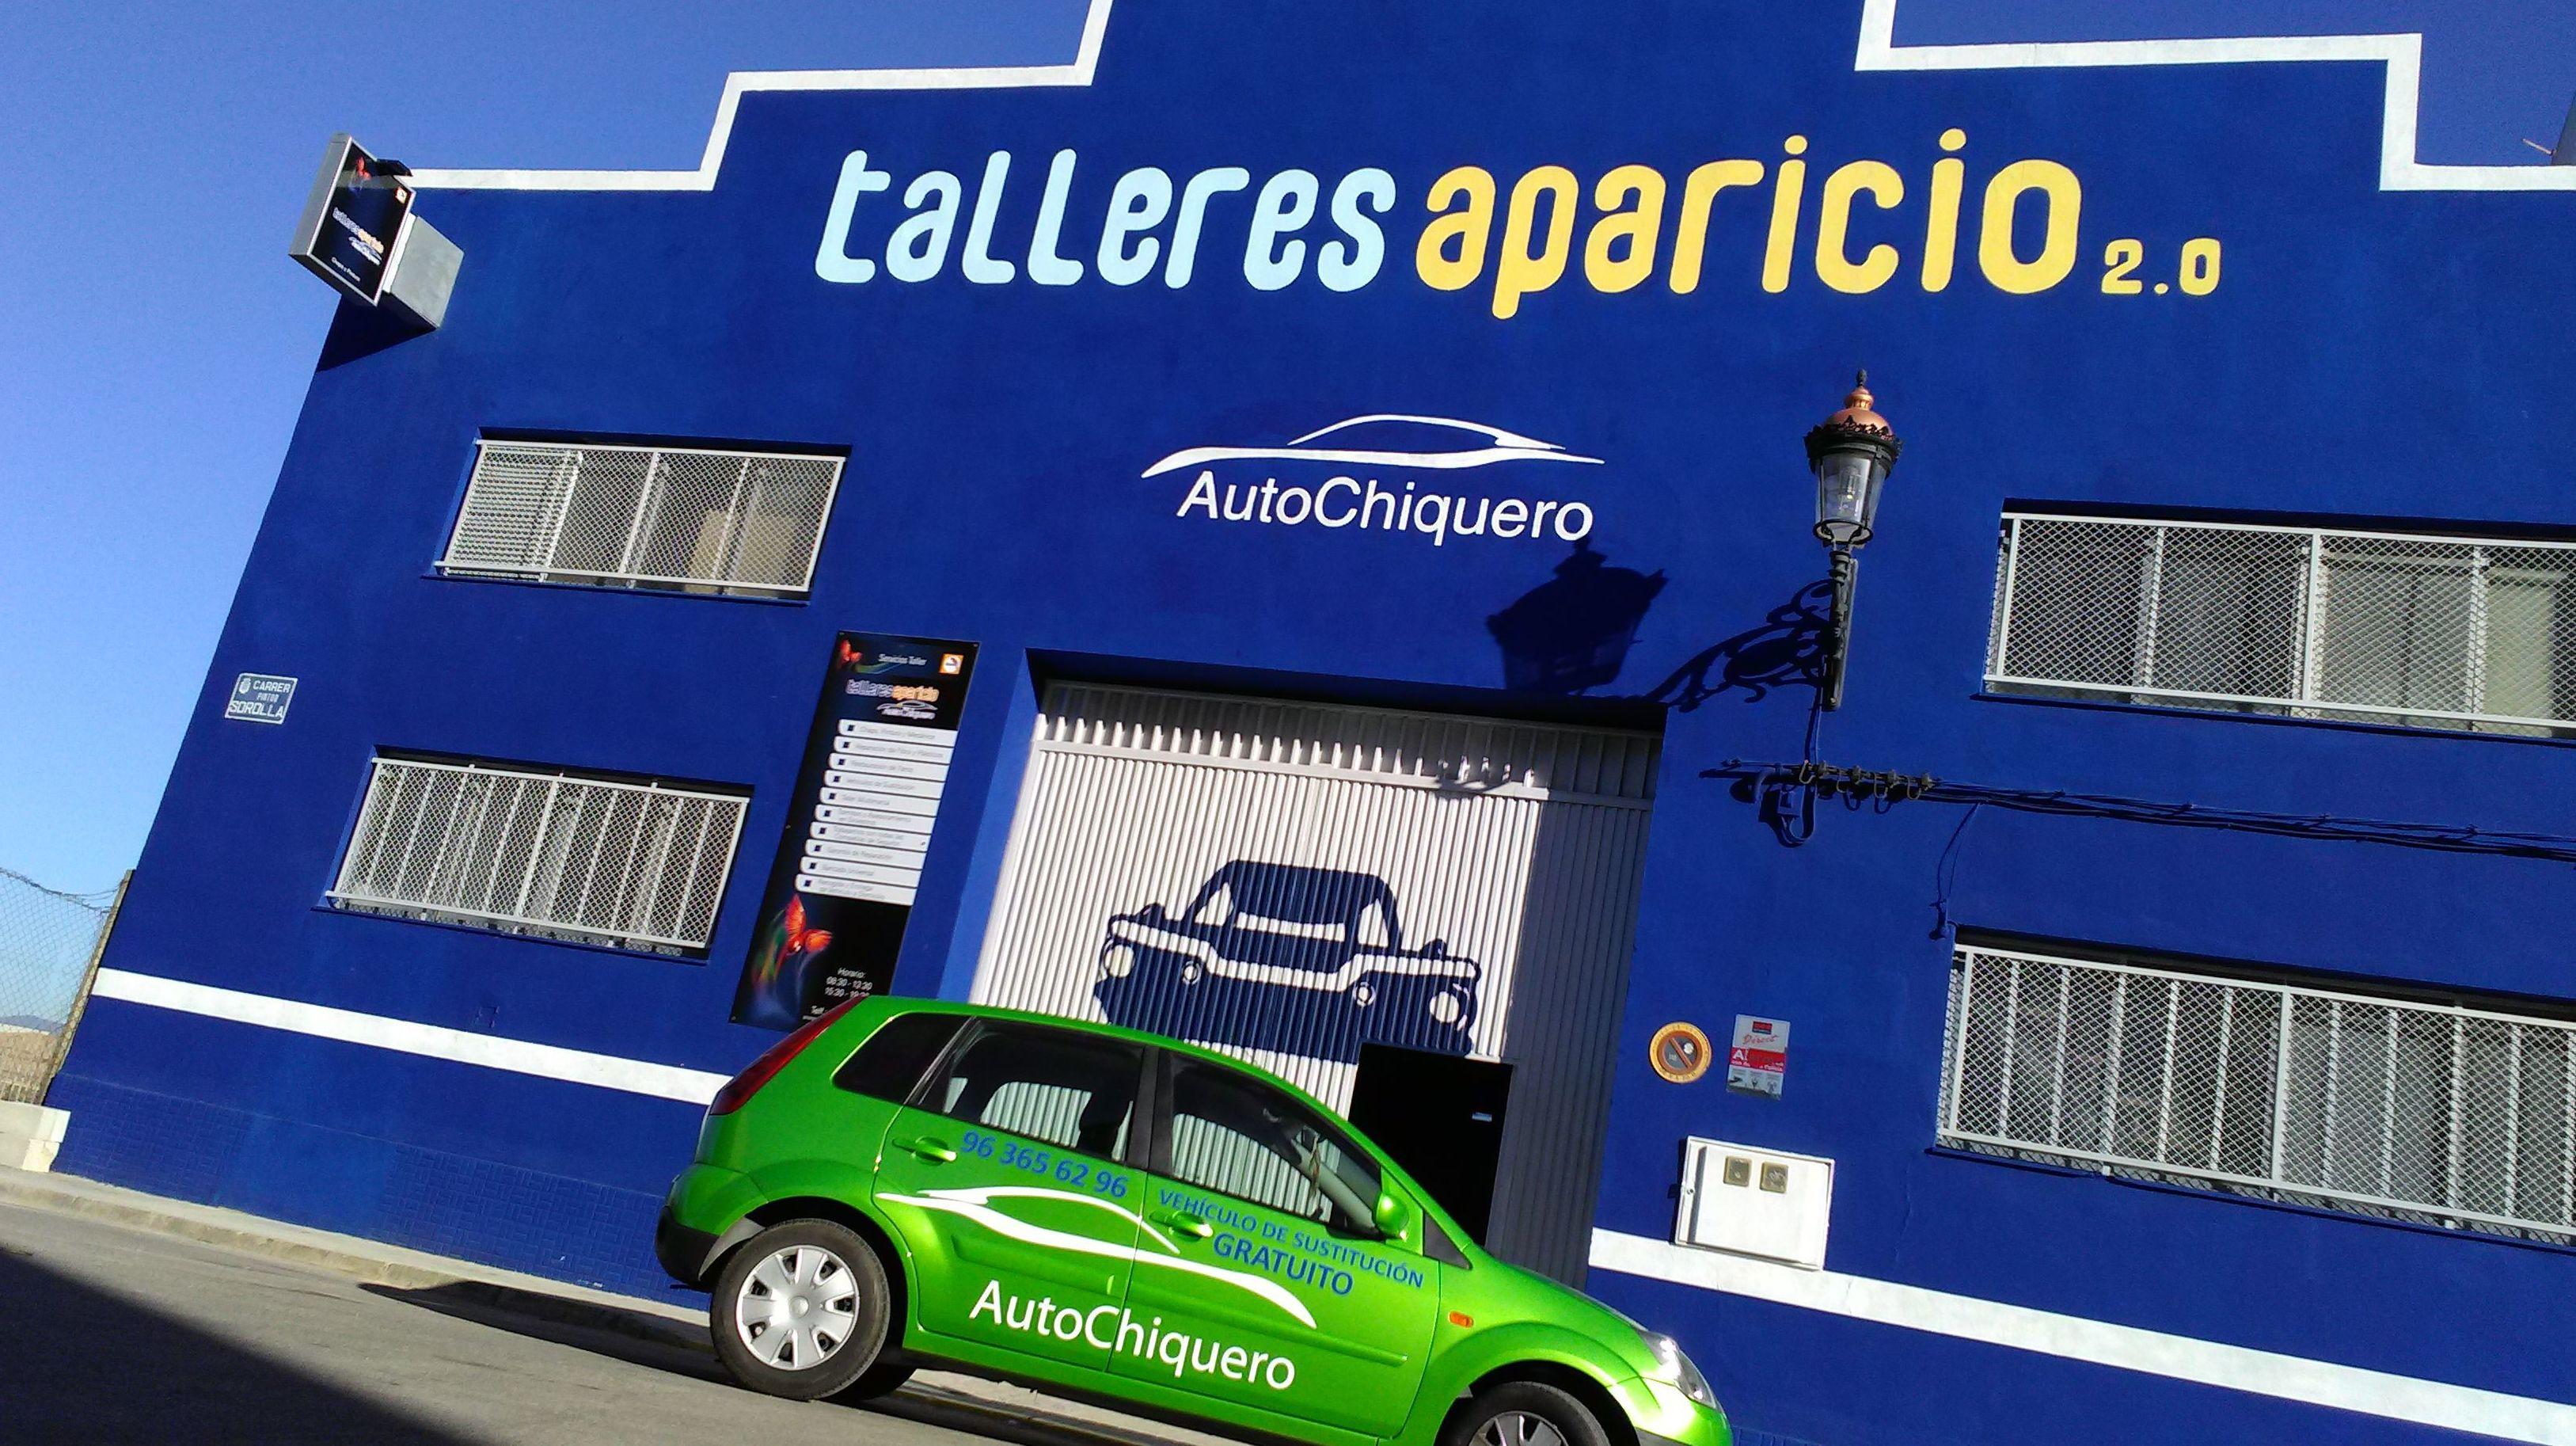 Foto 1 de Talleres de chapa y pintura en Valencia | Talleres Aparicio Autochiquero